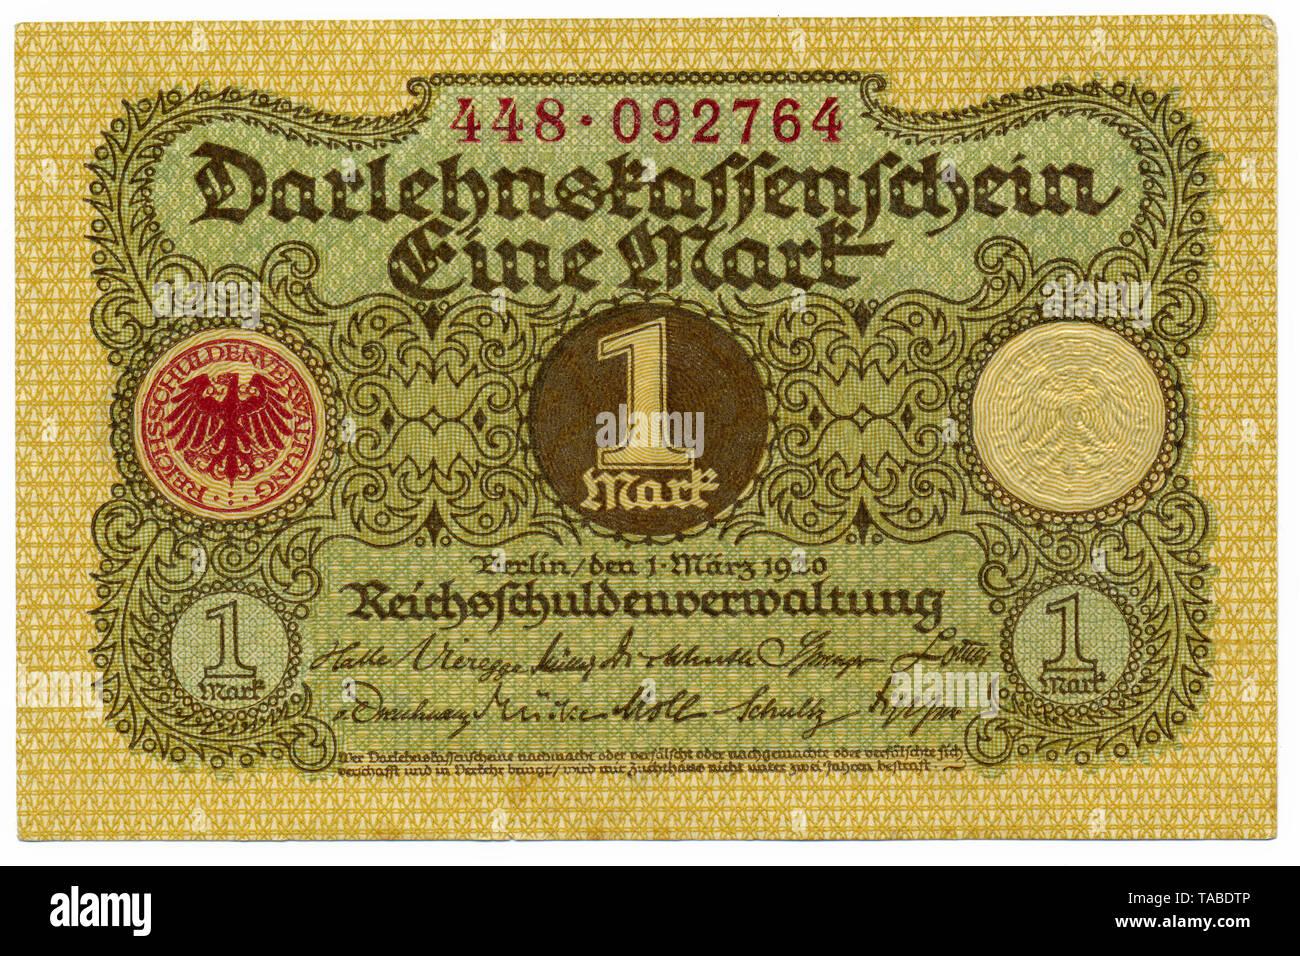 Historischer Geldschein, Darlehnskassenschein, Reichsschuldenverwaltung, 1 Mark, 1920, Deutschland, Europa Stockbild